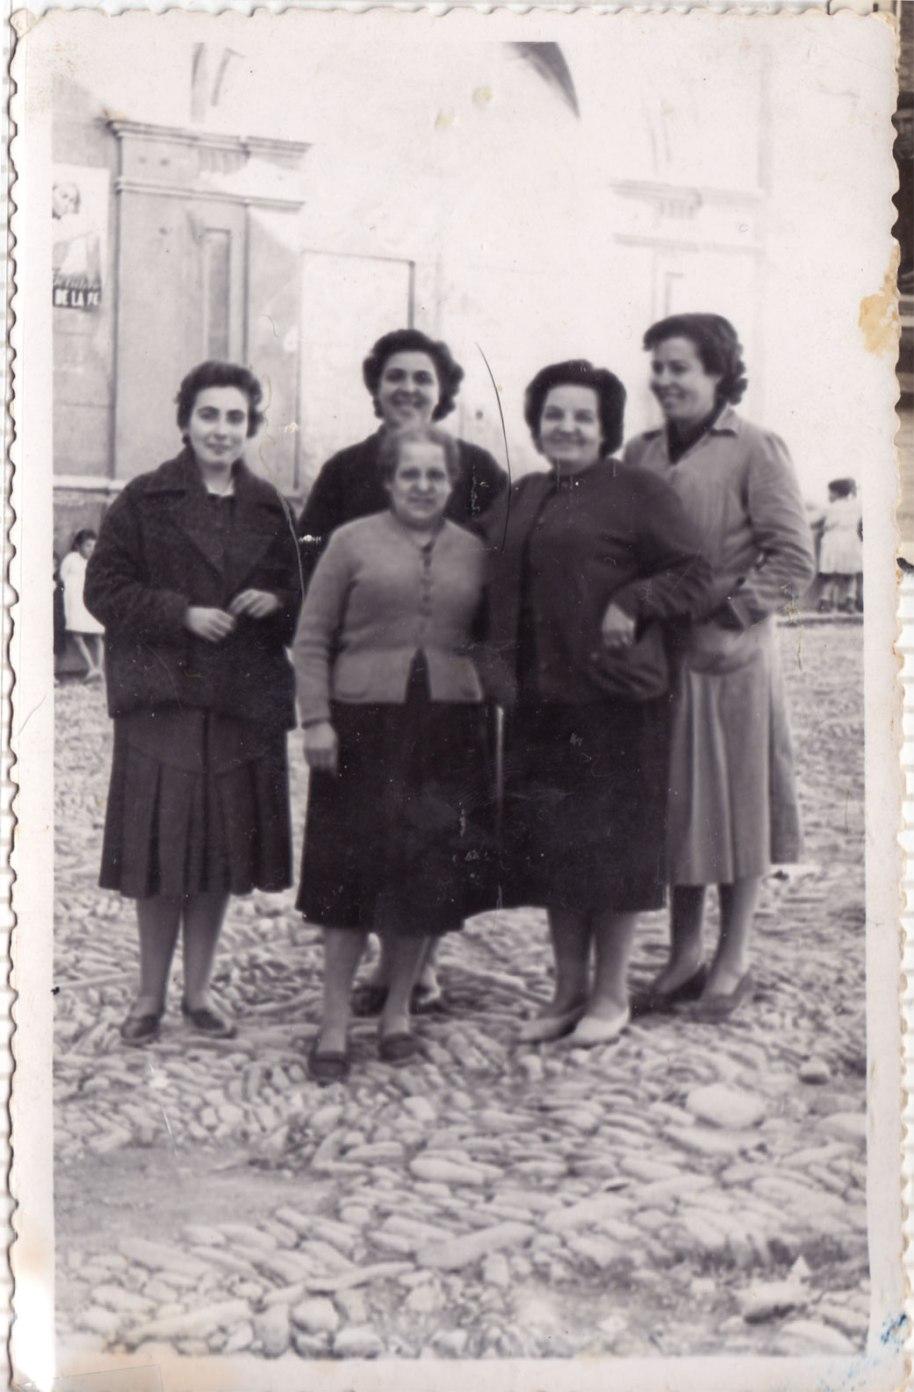 Seguint amb el món infantil, ací tenim reunides a part de les forces vives de la instrucció escolar. No sabem qui són les dos xiques de les puntes, però les altres són Doña Adoración, davant d'ella Doña Rosario i a la dreta Doña Claudia.